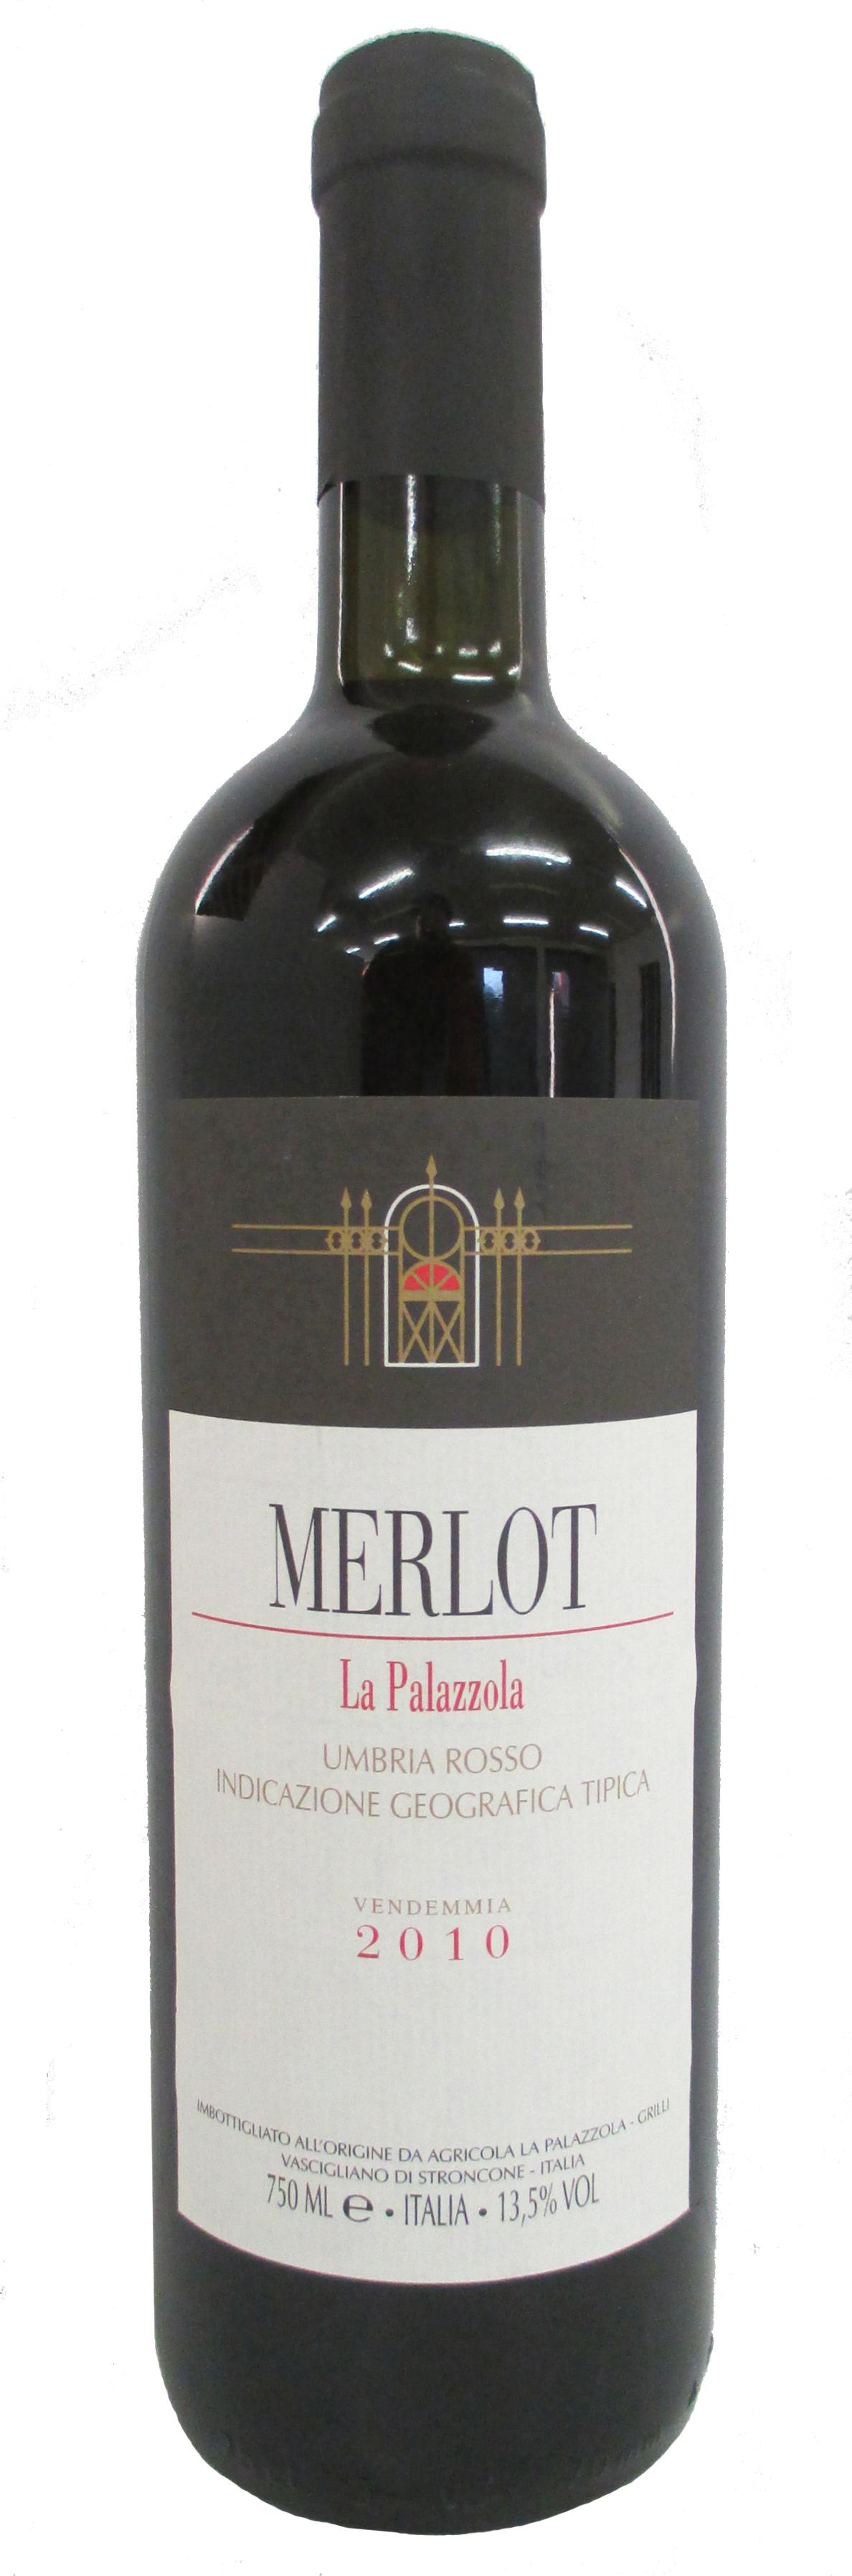 Vino rosso Merlot Umbria